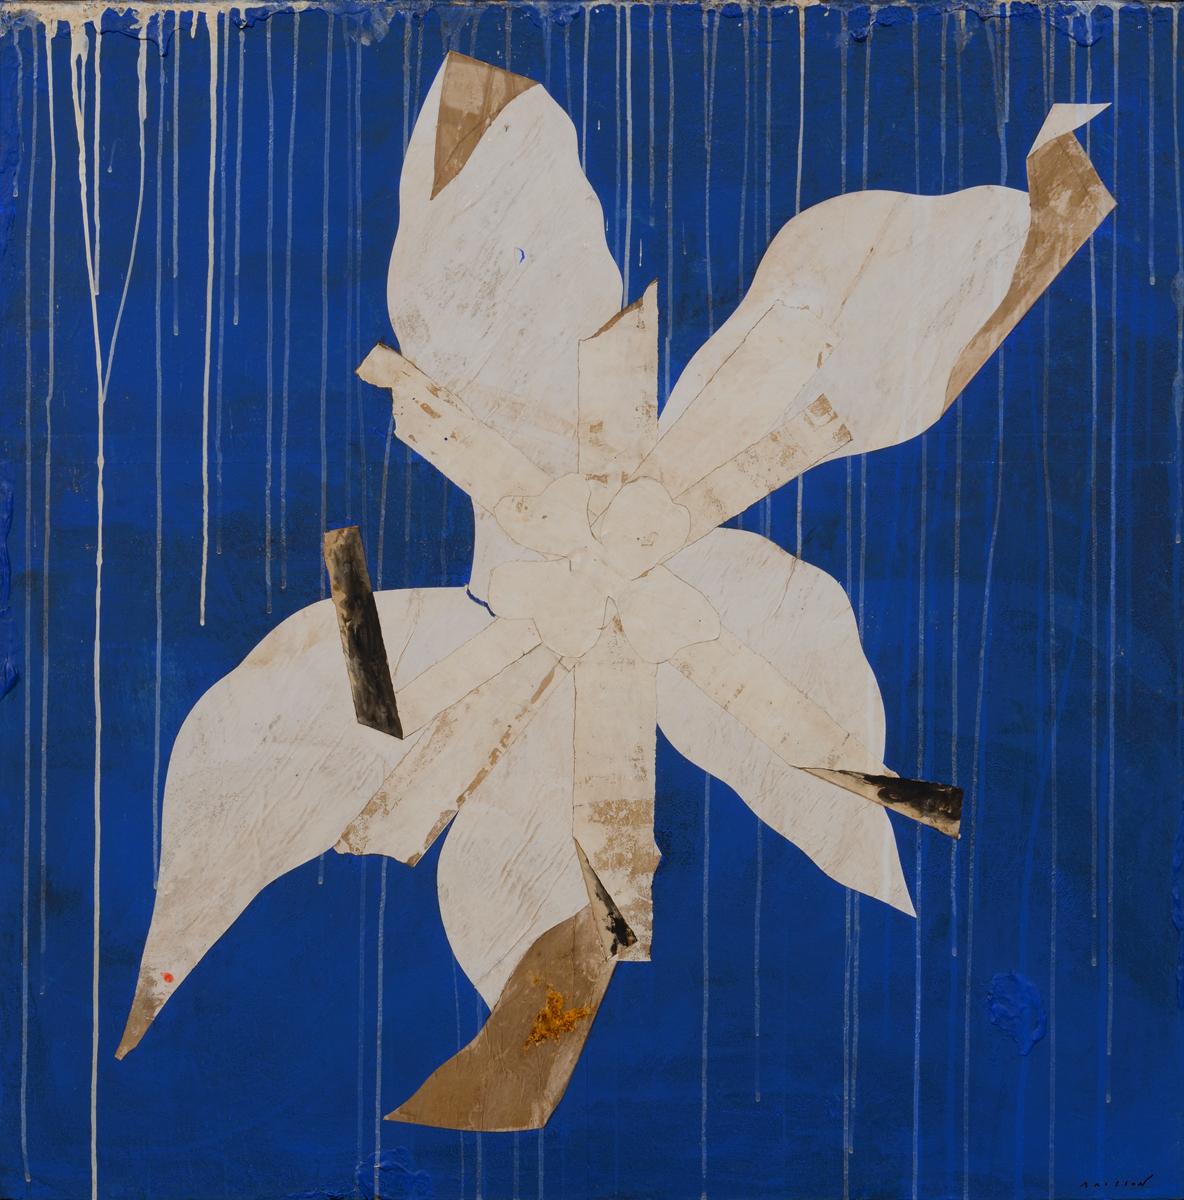 Fleur Brissonienne, mixed media on canvas, 39 x 39 in (100 x 100 cm) 2015